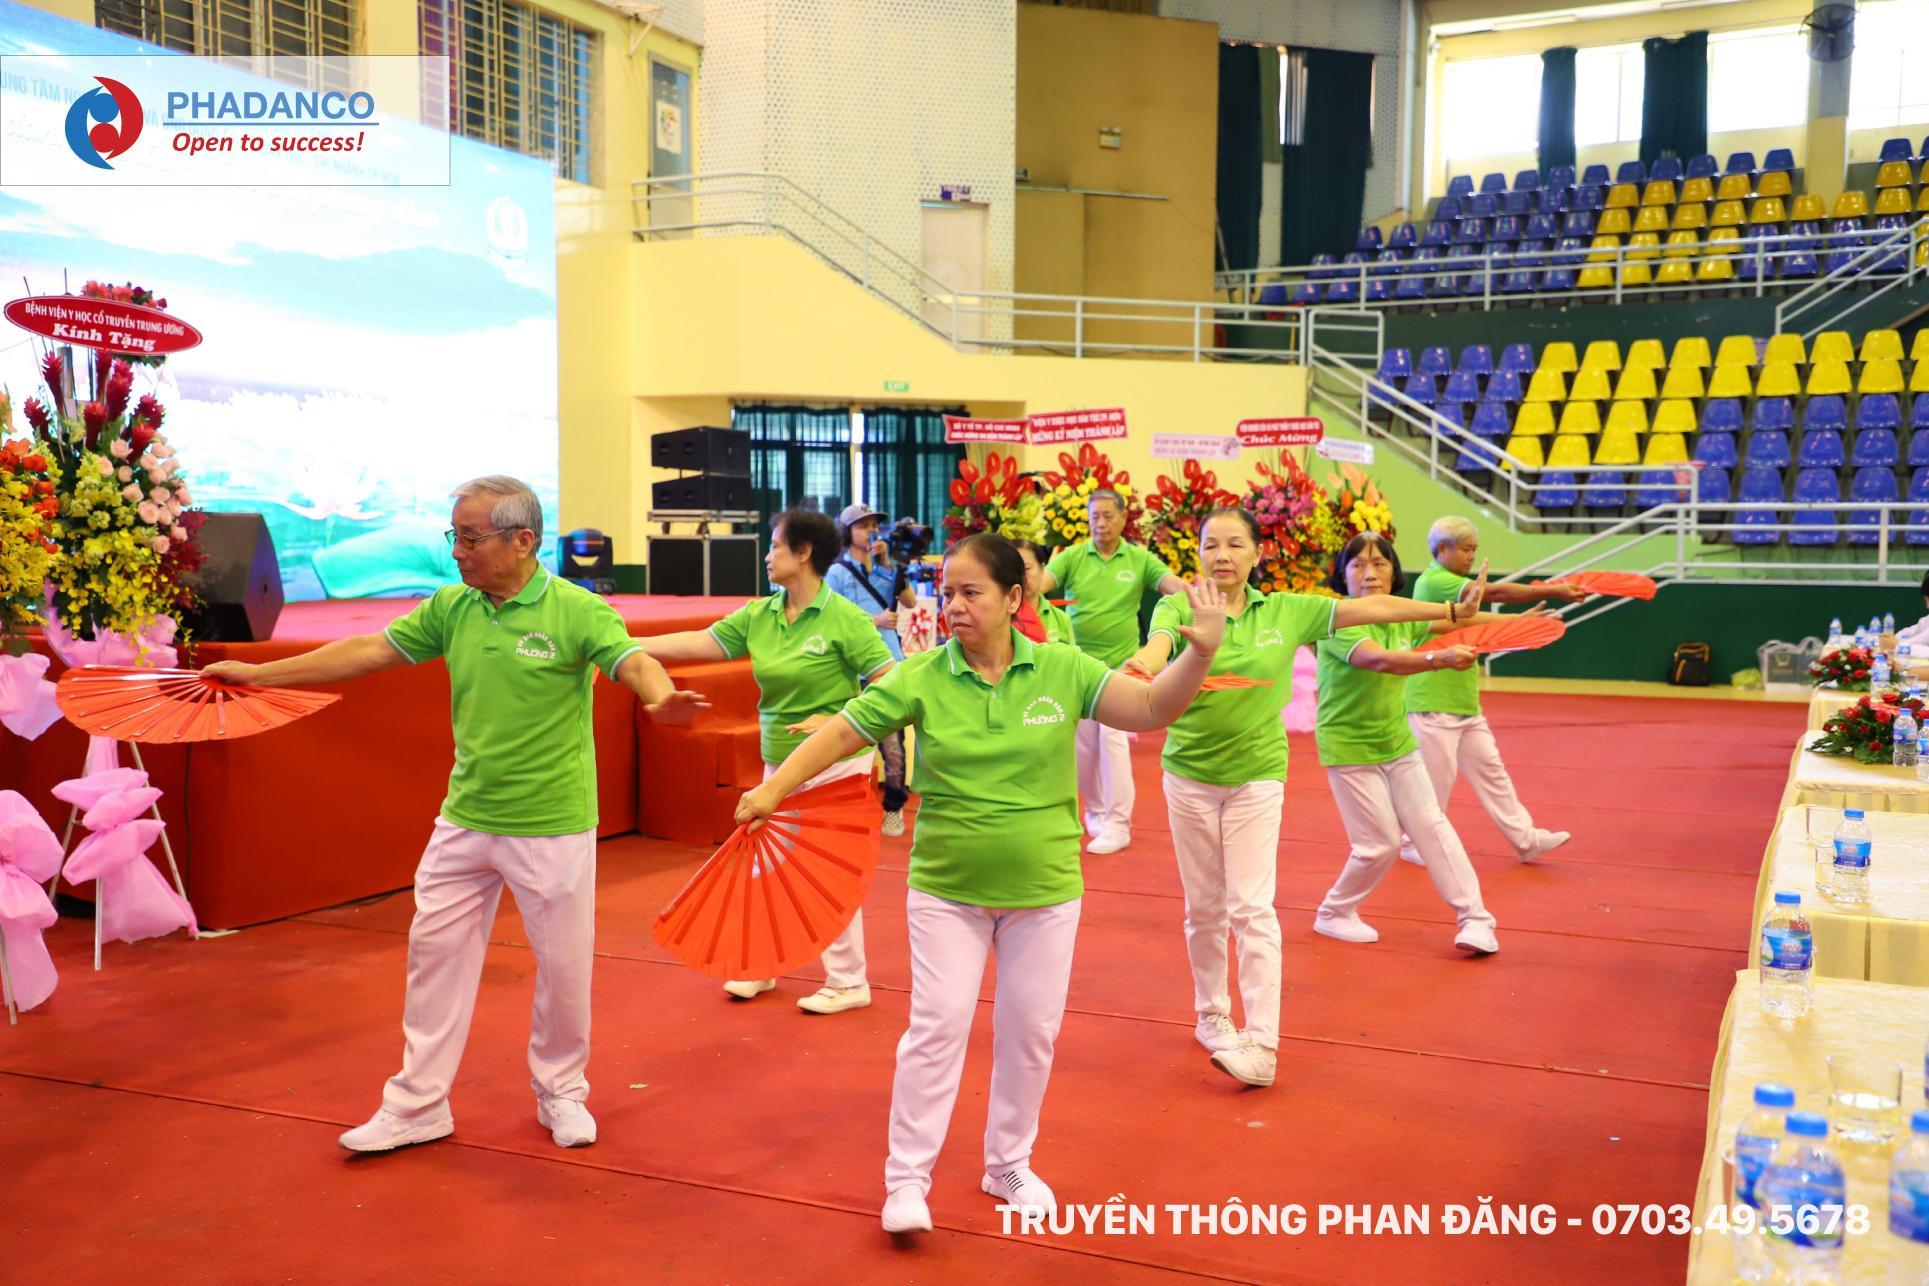 Bài tập dưỡng sinh gửi tặng lễ kỷ niệm 6 năm thành lập Thuốc Dân Tộc chi nhánh TP.HCM